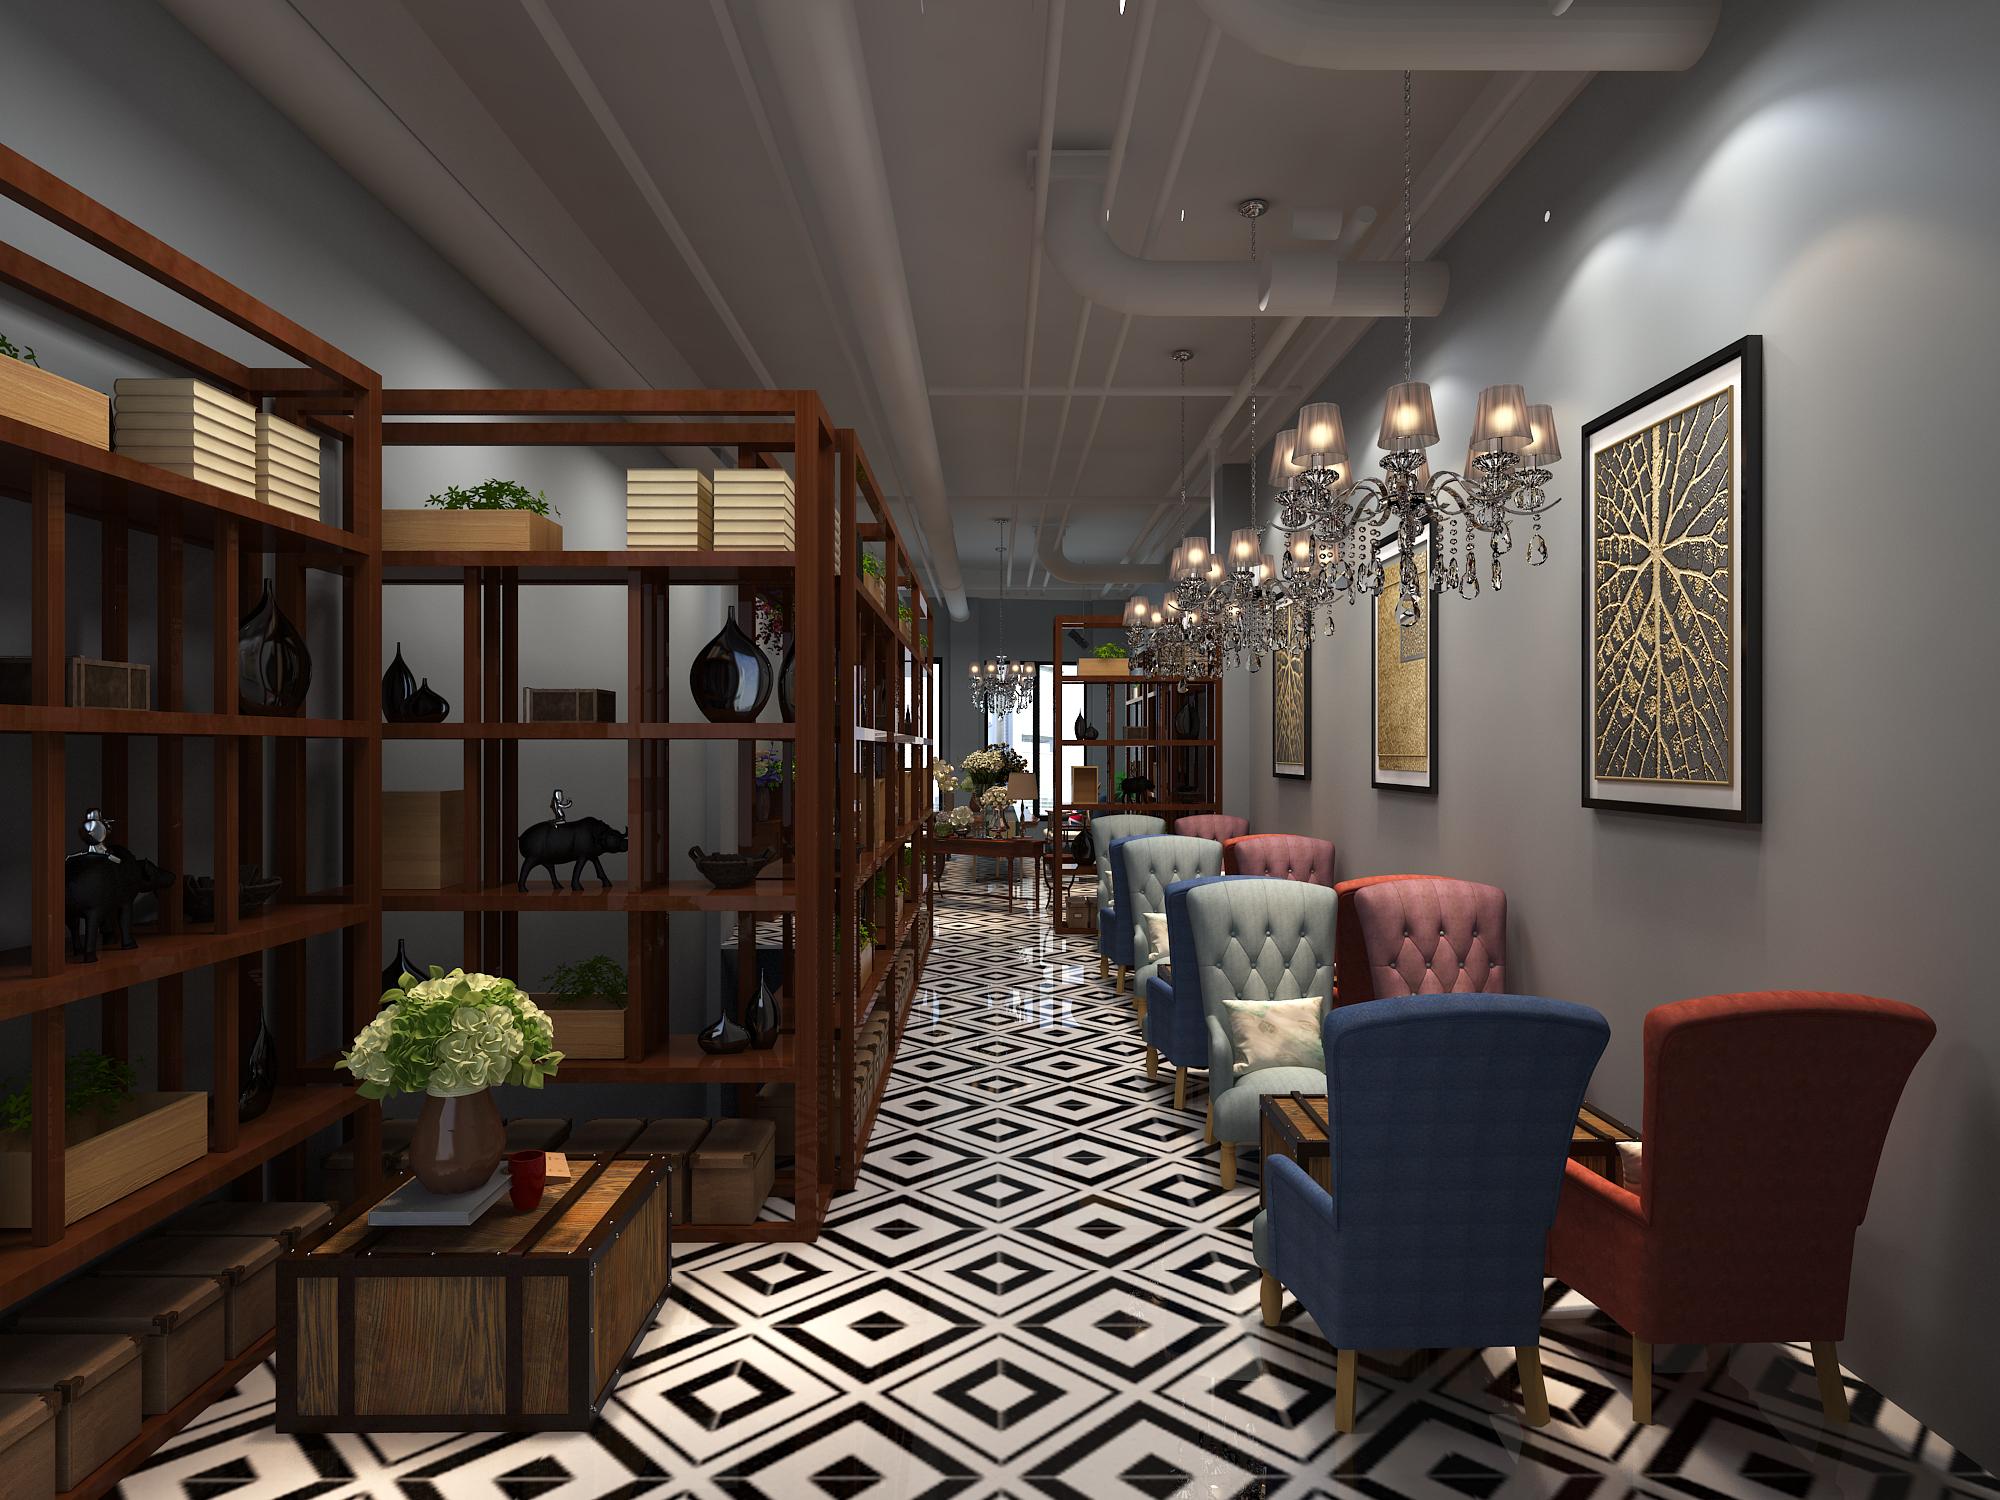 咖啡店,花店装修设计效果图制作连锁店设计图片